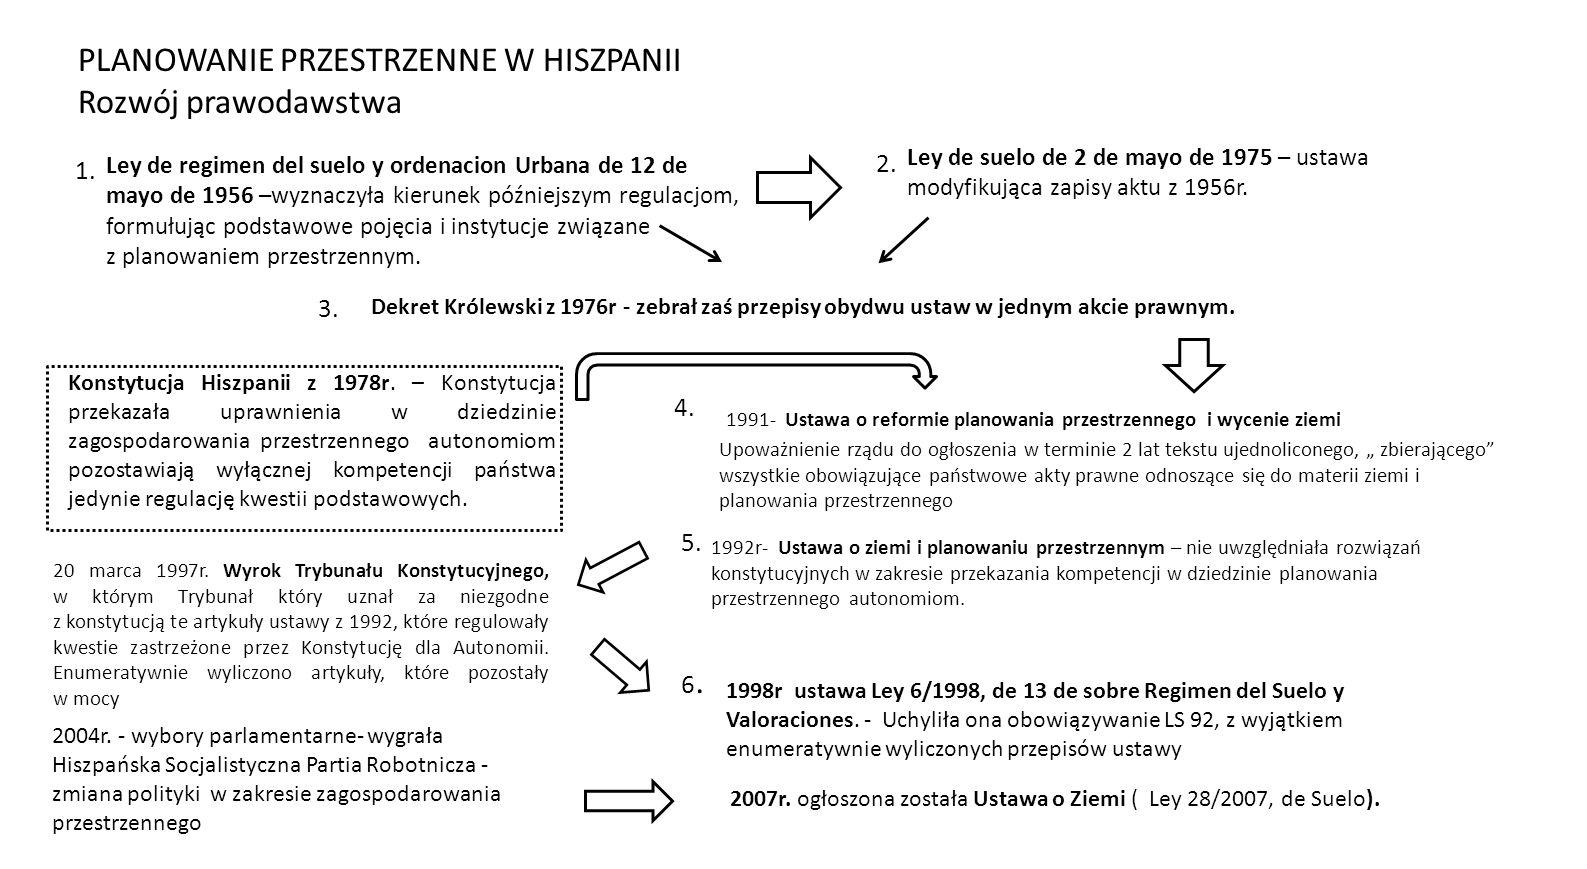 Konstytucja Hiszpanii z 1978r. – Konstytucja przekazała uprawnienia w dziedzinie zagospodarowania przestrzennego autonomiom pozostawiają wyłącznej kom